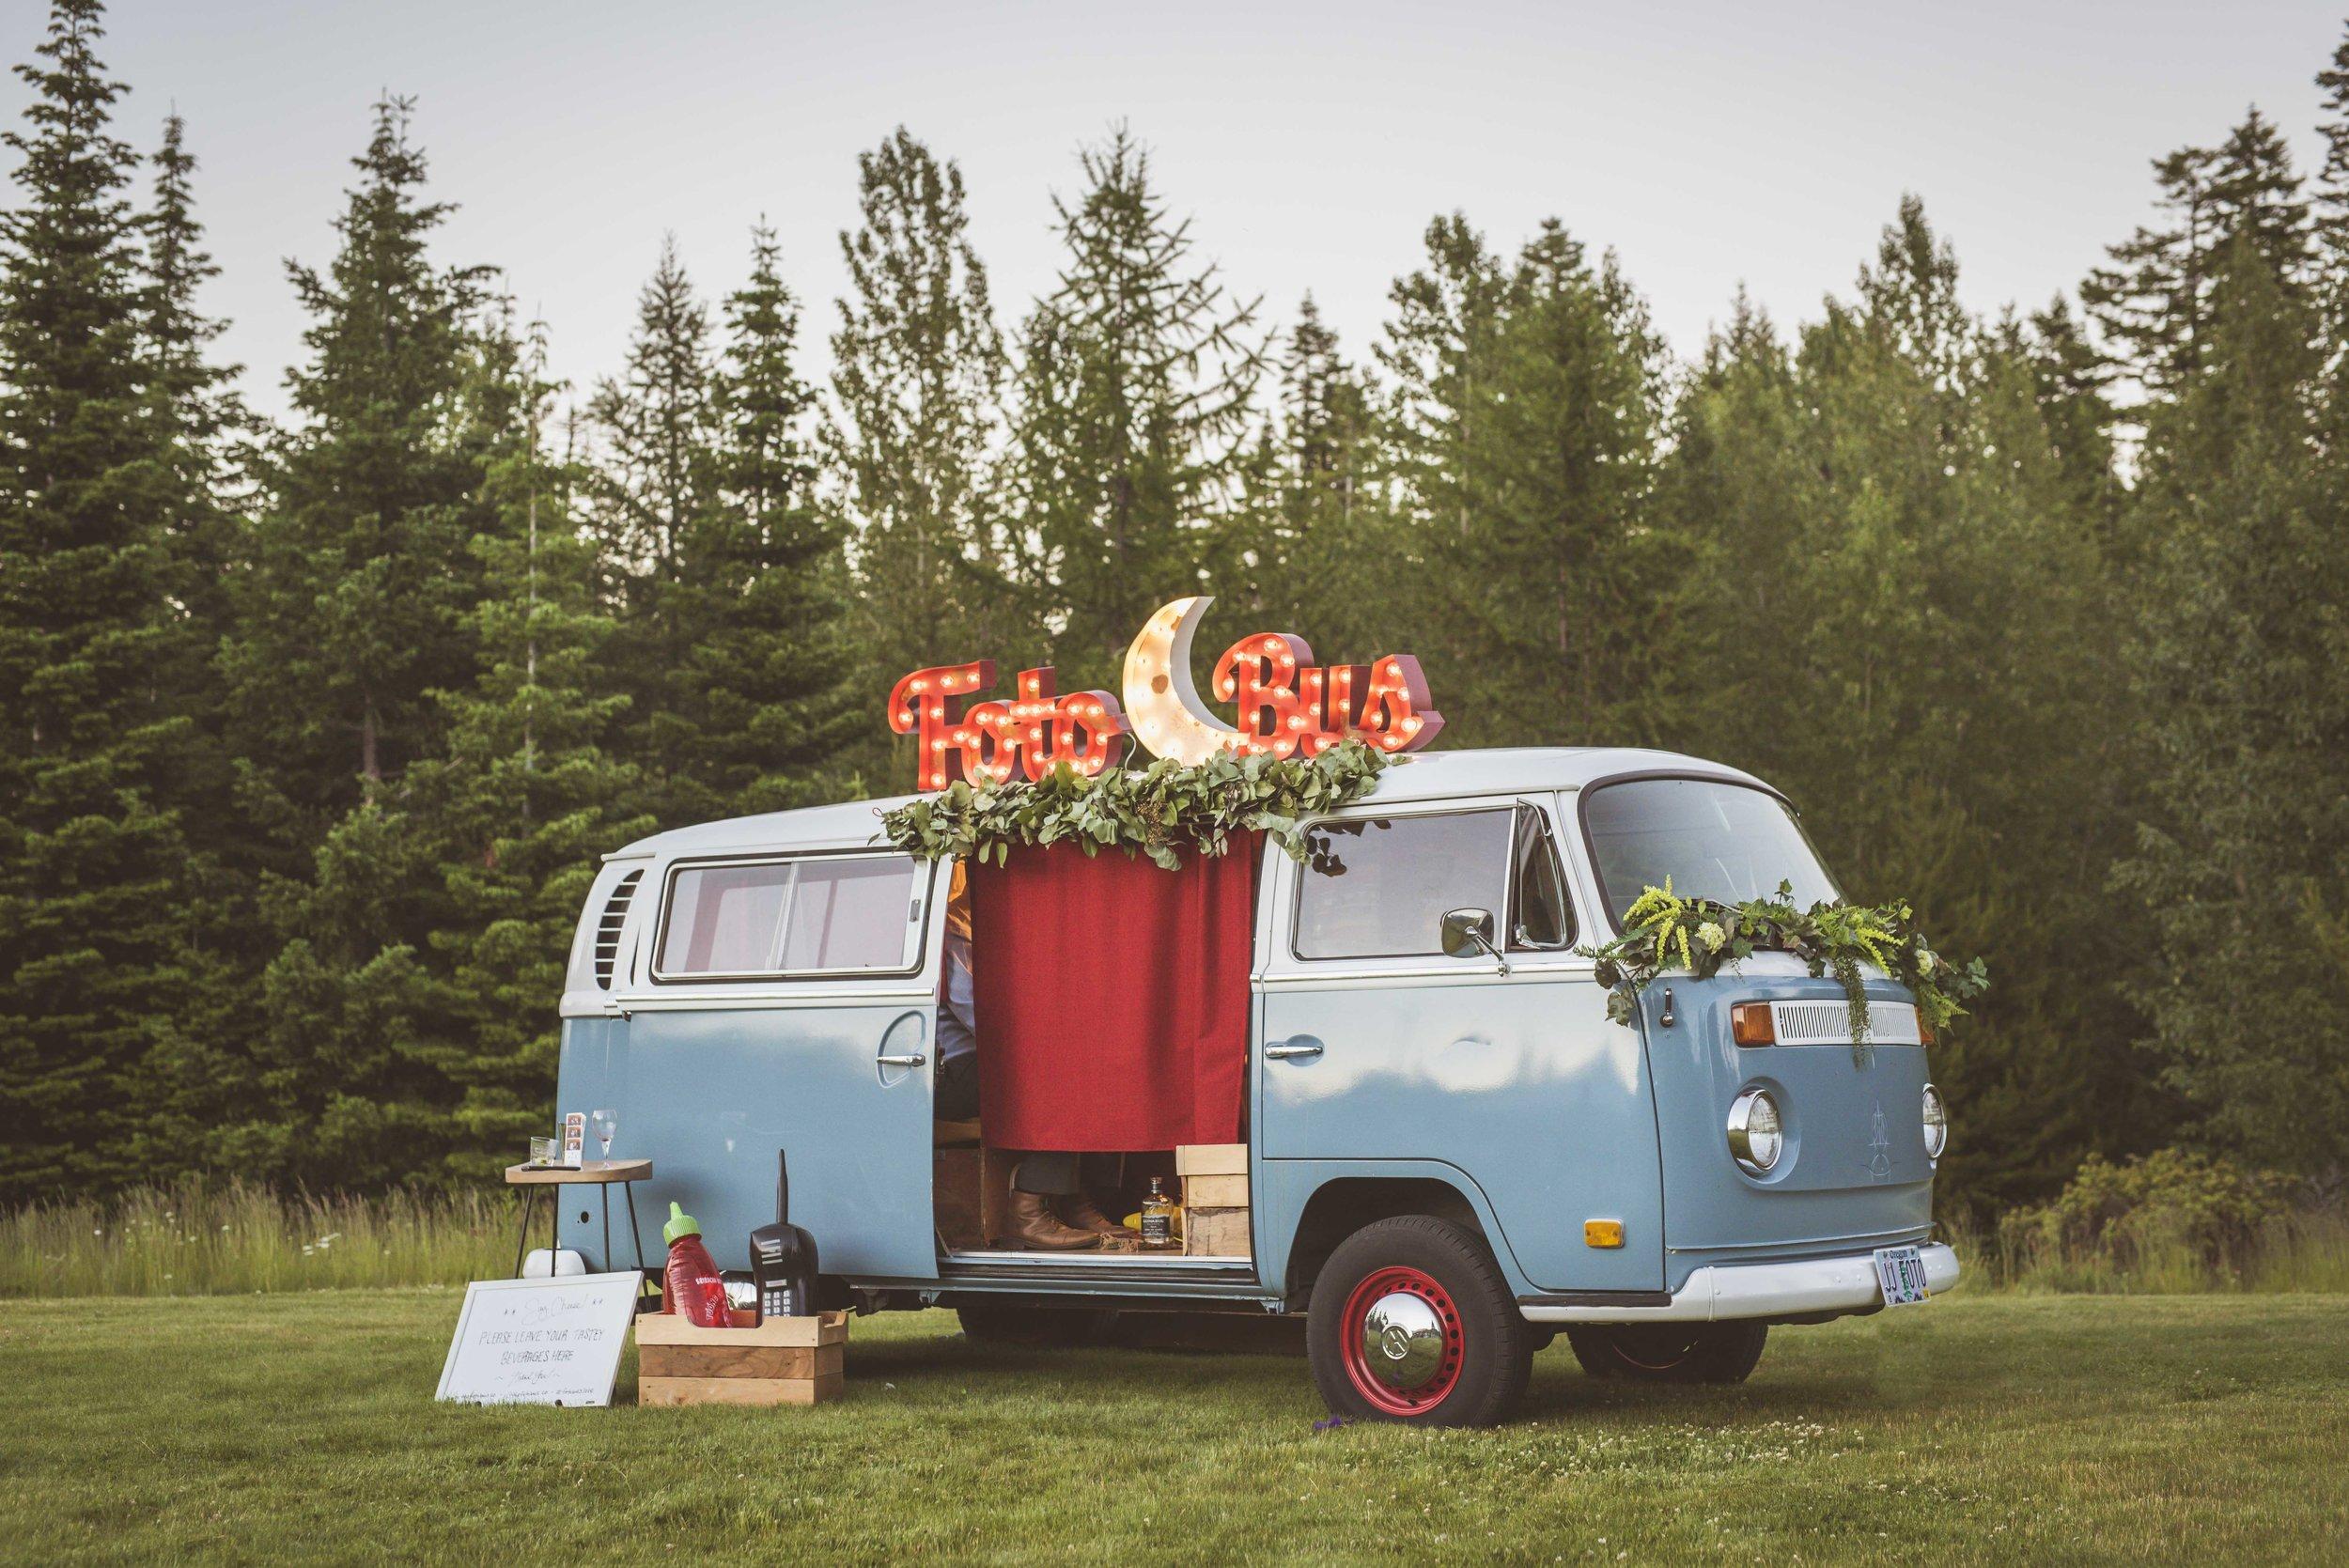 Ashley + Brent's Wedding / August 26, 2017 / Wedding at Mt. Hood Organic Farms